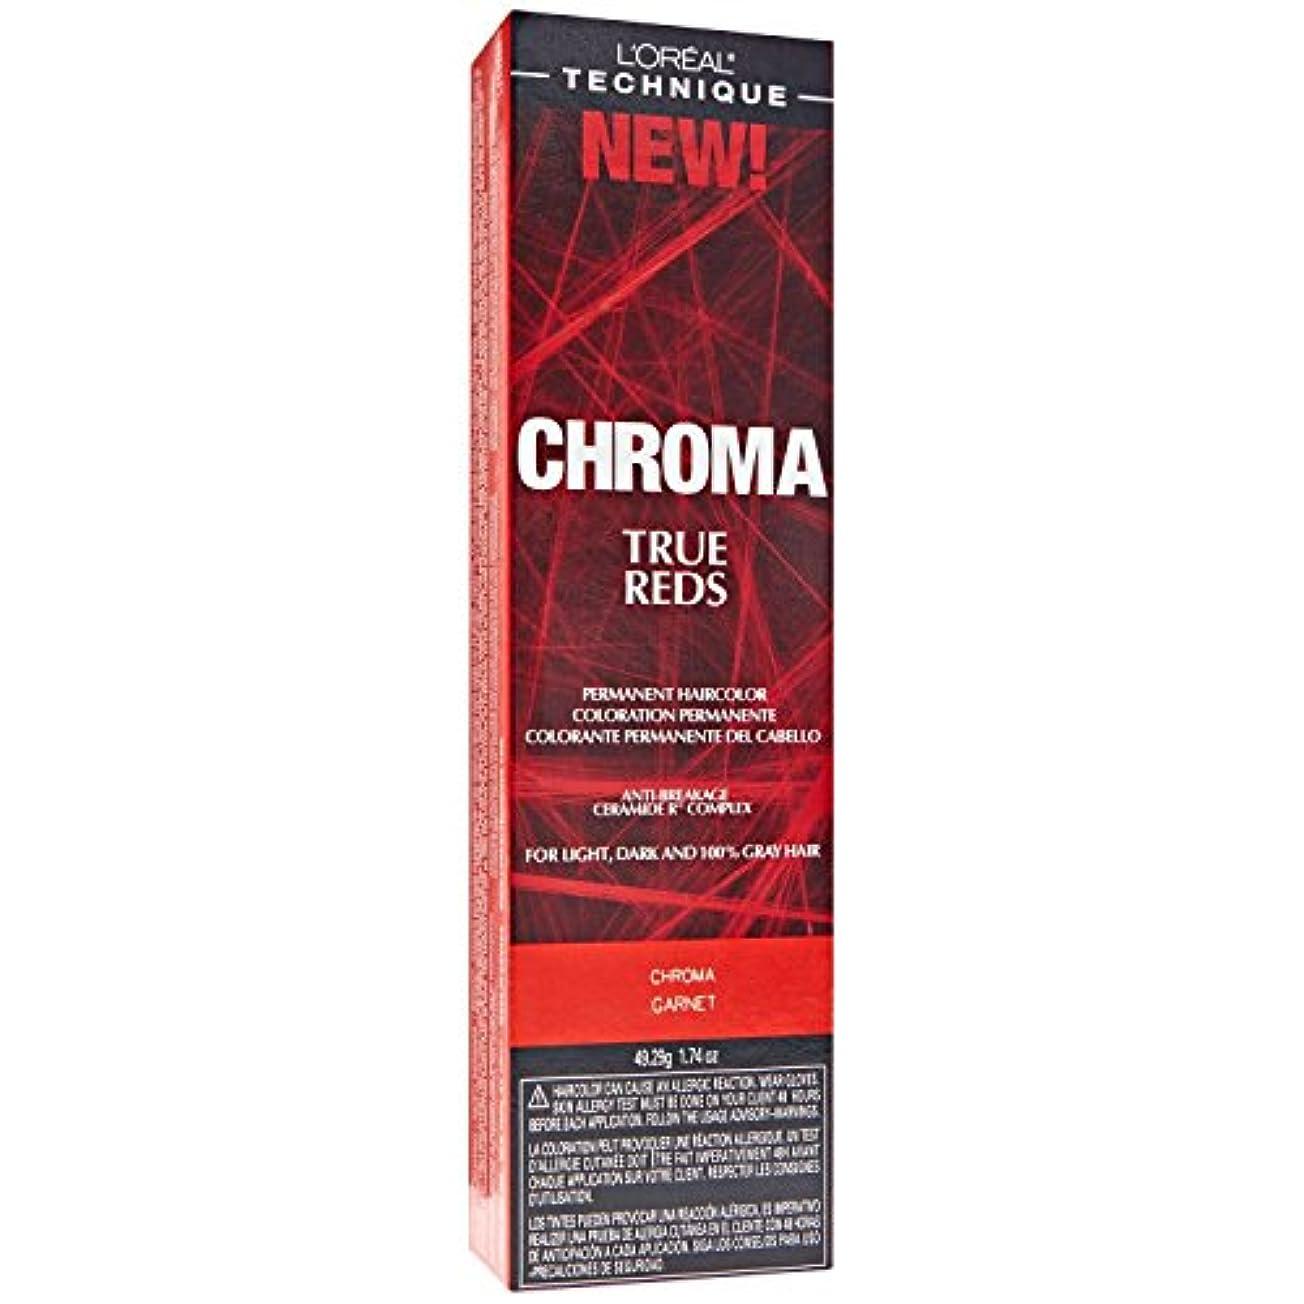 適用済みキャンディー超越するL'Oreal Technique Chroma True Reds - Chroma Garnet - 1.74oz / 49.29g